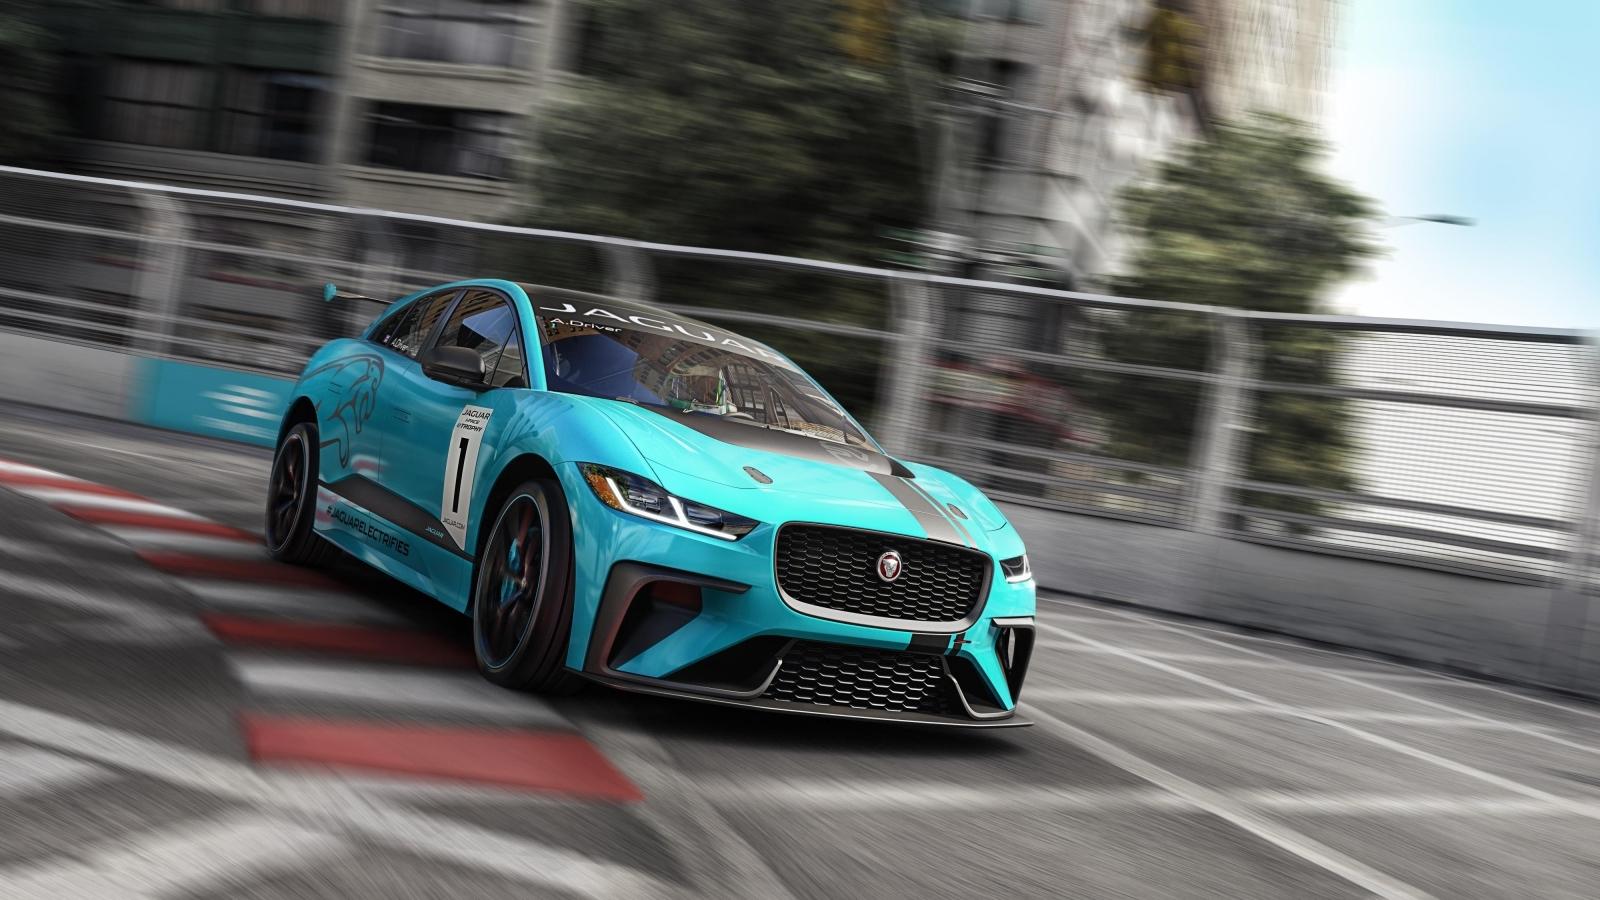 Jaguar I-Pace race car